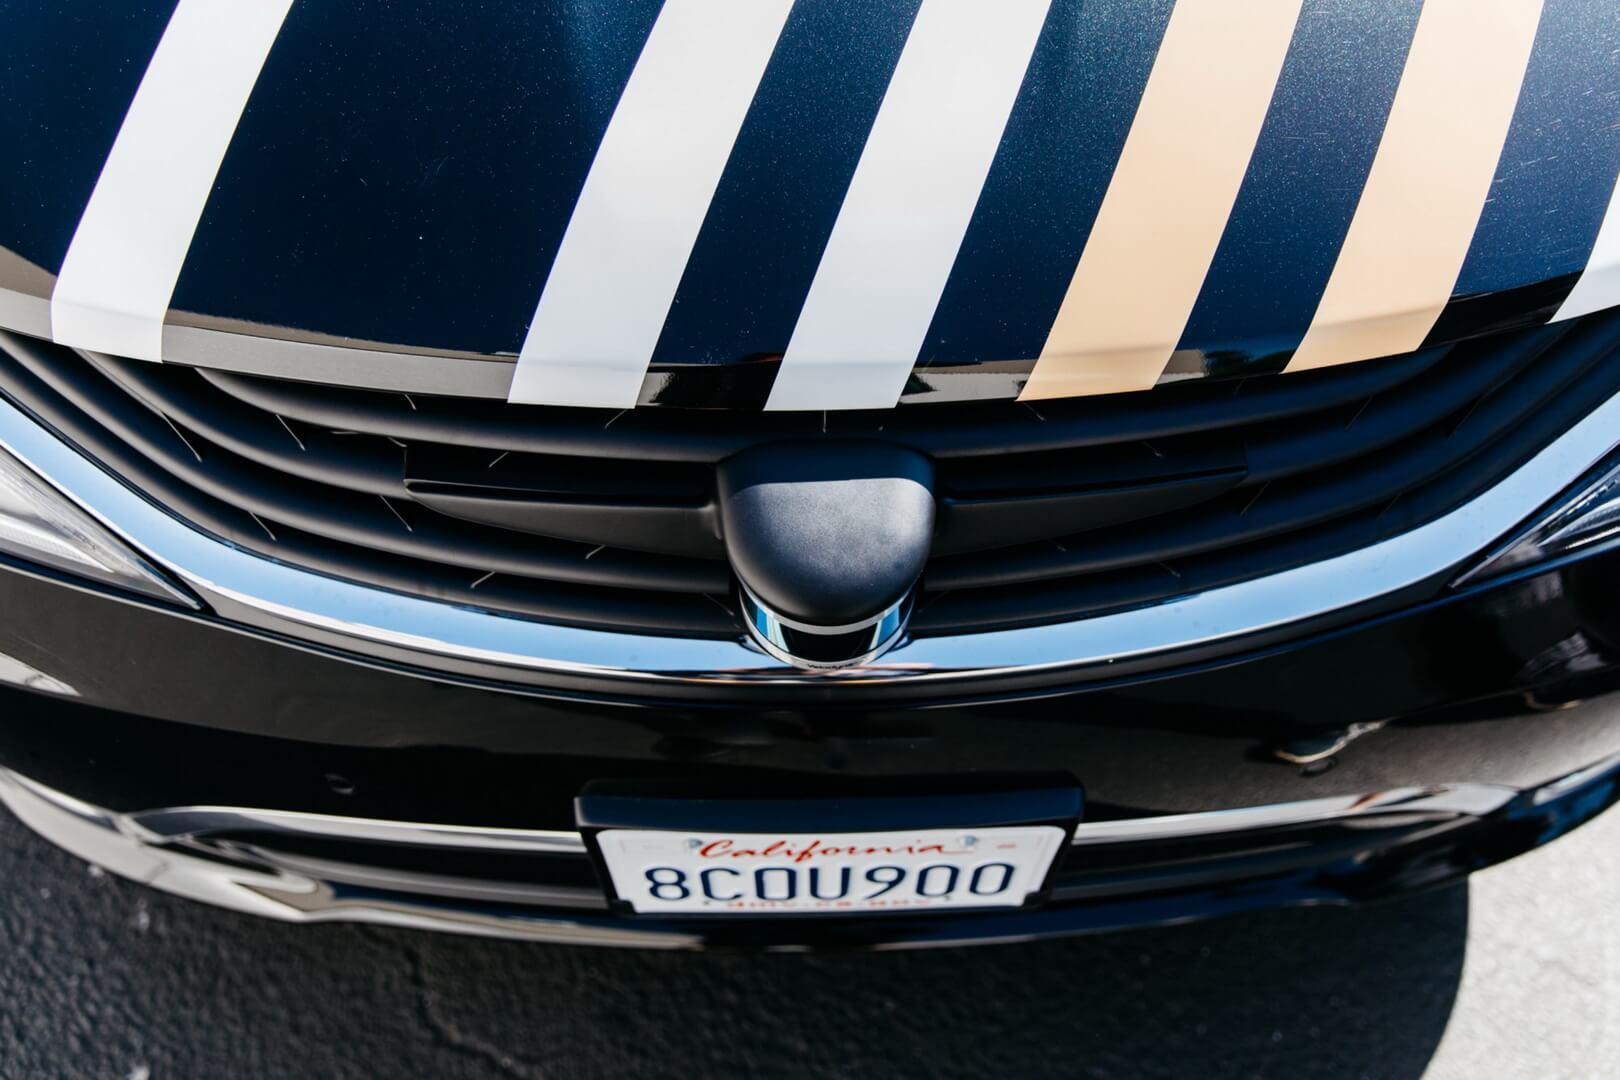 Автоматическая система экстренного торможения Voyage Shield, интегрированная в Chrysler Pacifica Hybrid